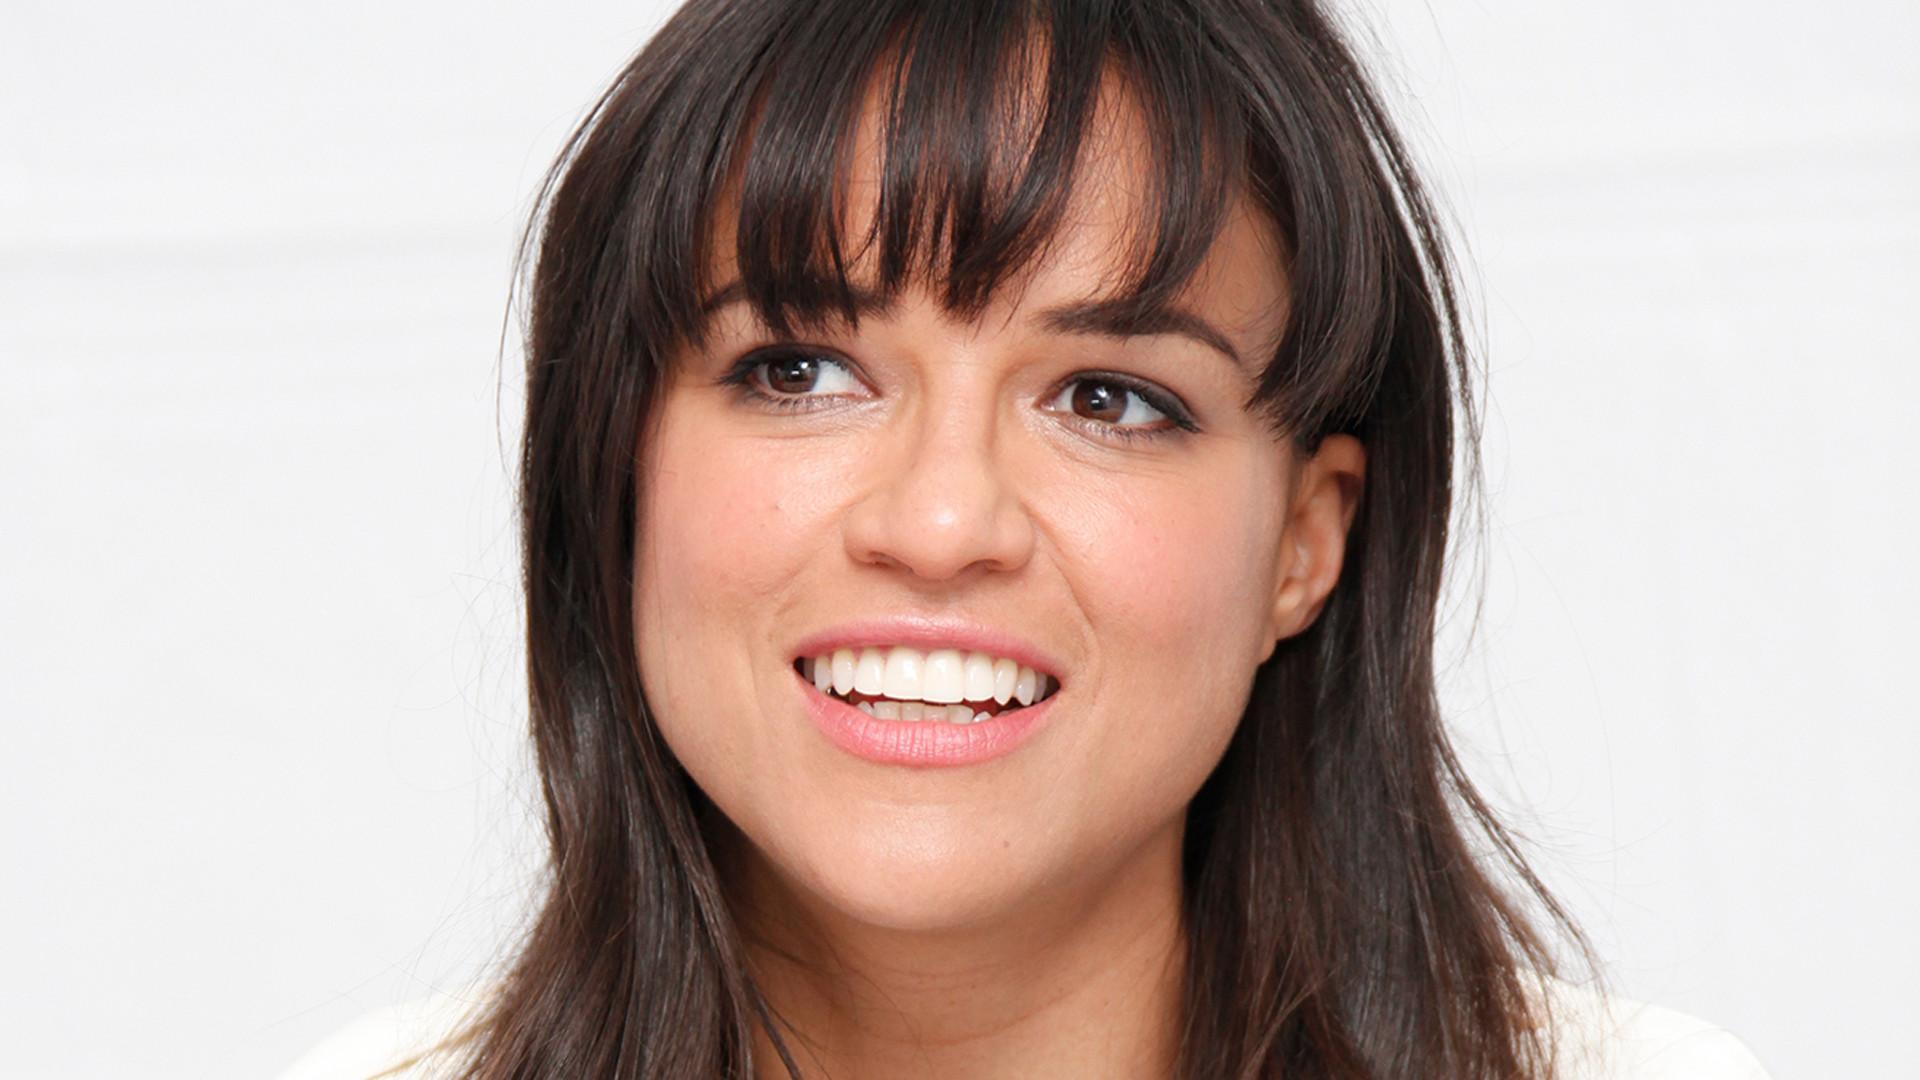 Michelle Rodriguez Images